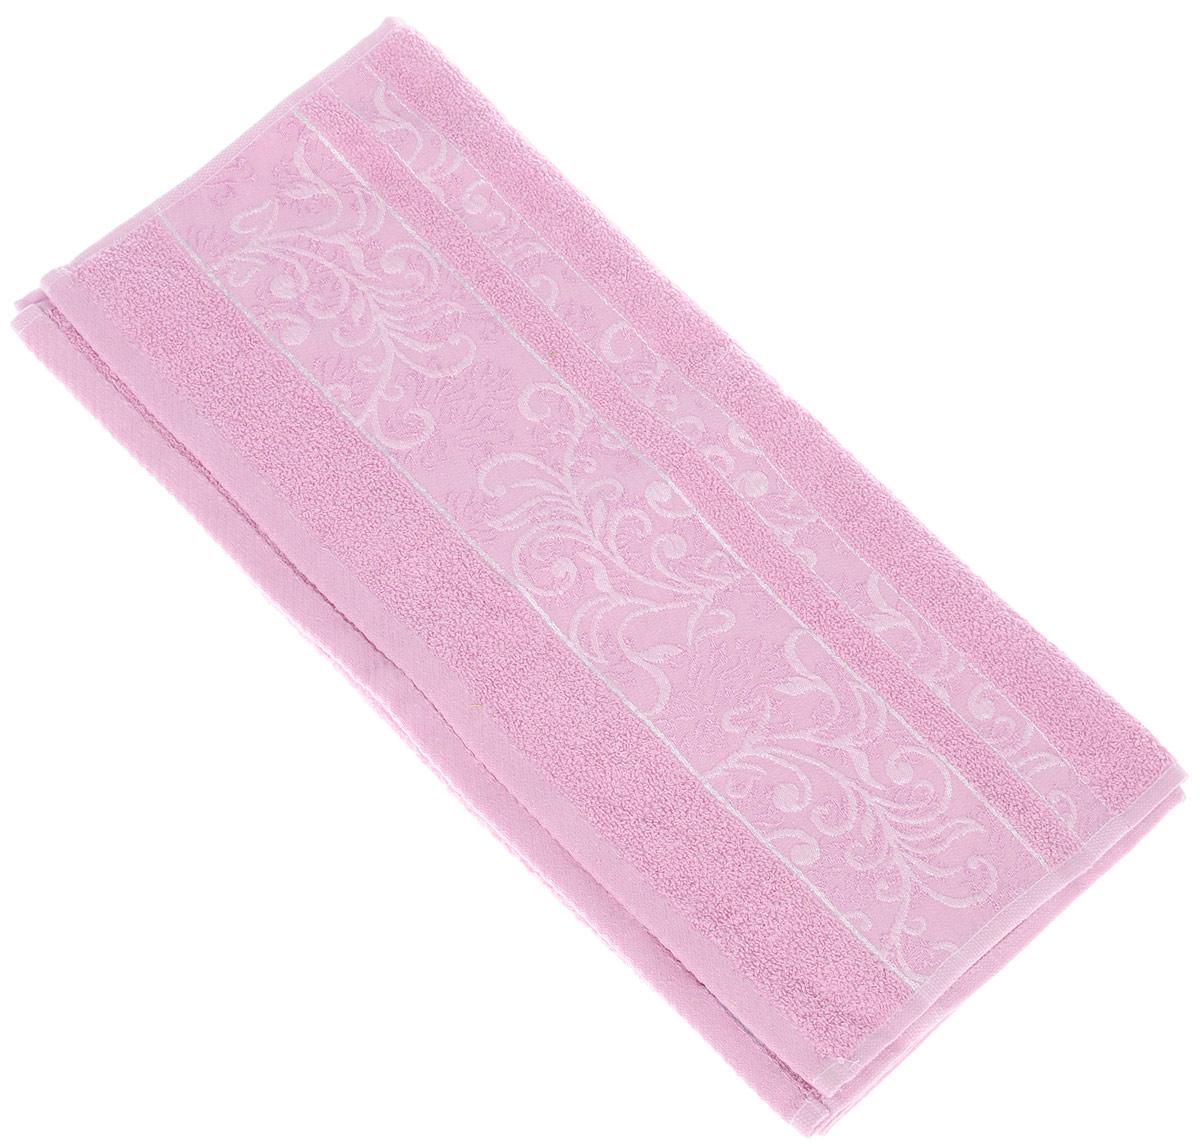 Полотенце Brielle Sarmasik Royal, цвет: розовый, 50 см х 90 см1205Полотенце Brielle Sarmasik Royal выполнено из бамбука с содержанием хлопка. Изделие очень мягкое, оно отлично впитывает влагу, быстро сохнет, сохраняет яркость цвета и не теряет формы даже после многократных стирок. Модель оформлена узорным рисунком и надписью. Полотенце Brielle Sarmasik Royal очень практично и неприхотливо в уходе. Такое полотенце послужит приятным подарком.